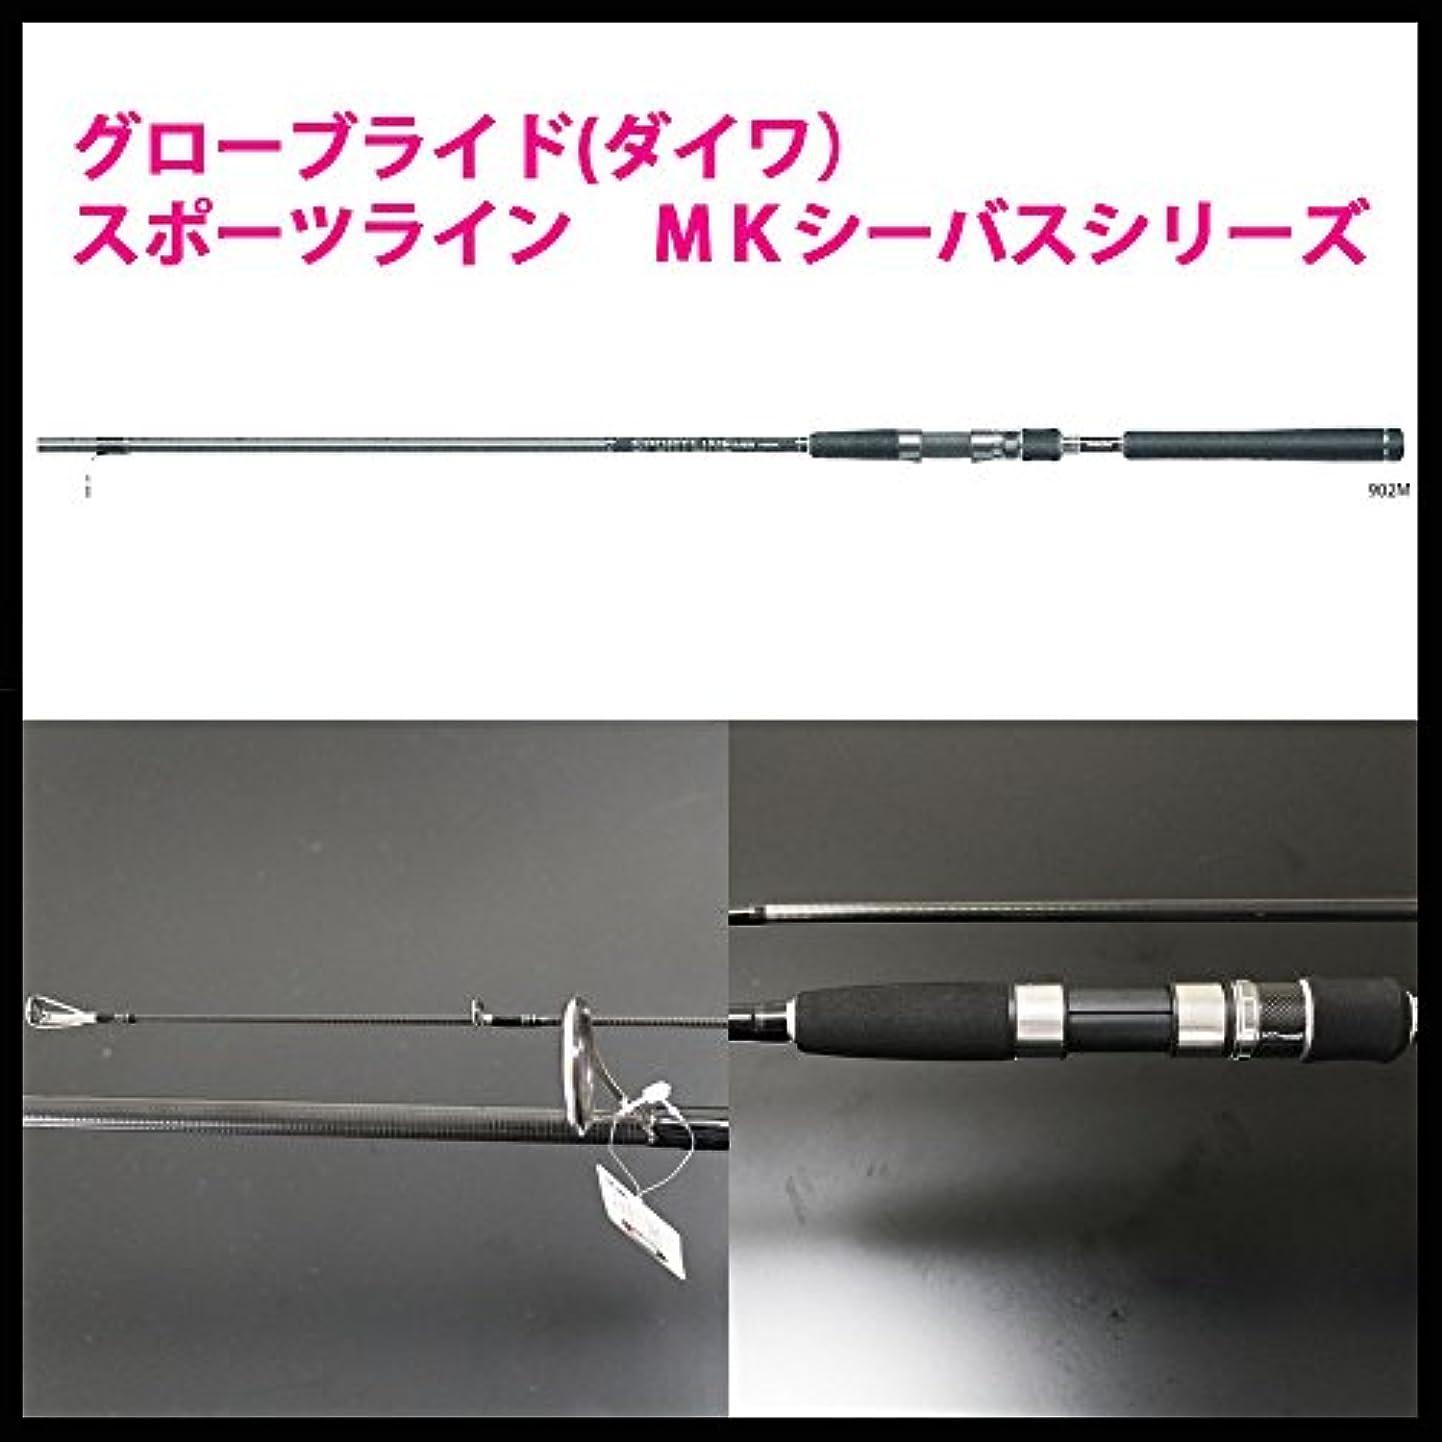 絶妙ディレクトリ経過グローブライド(ダイワ)/スポーツライン MKシーバスモデルS 862ML (hd-076760)